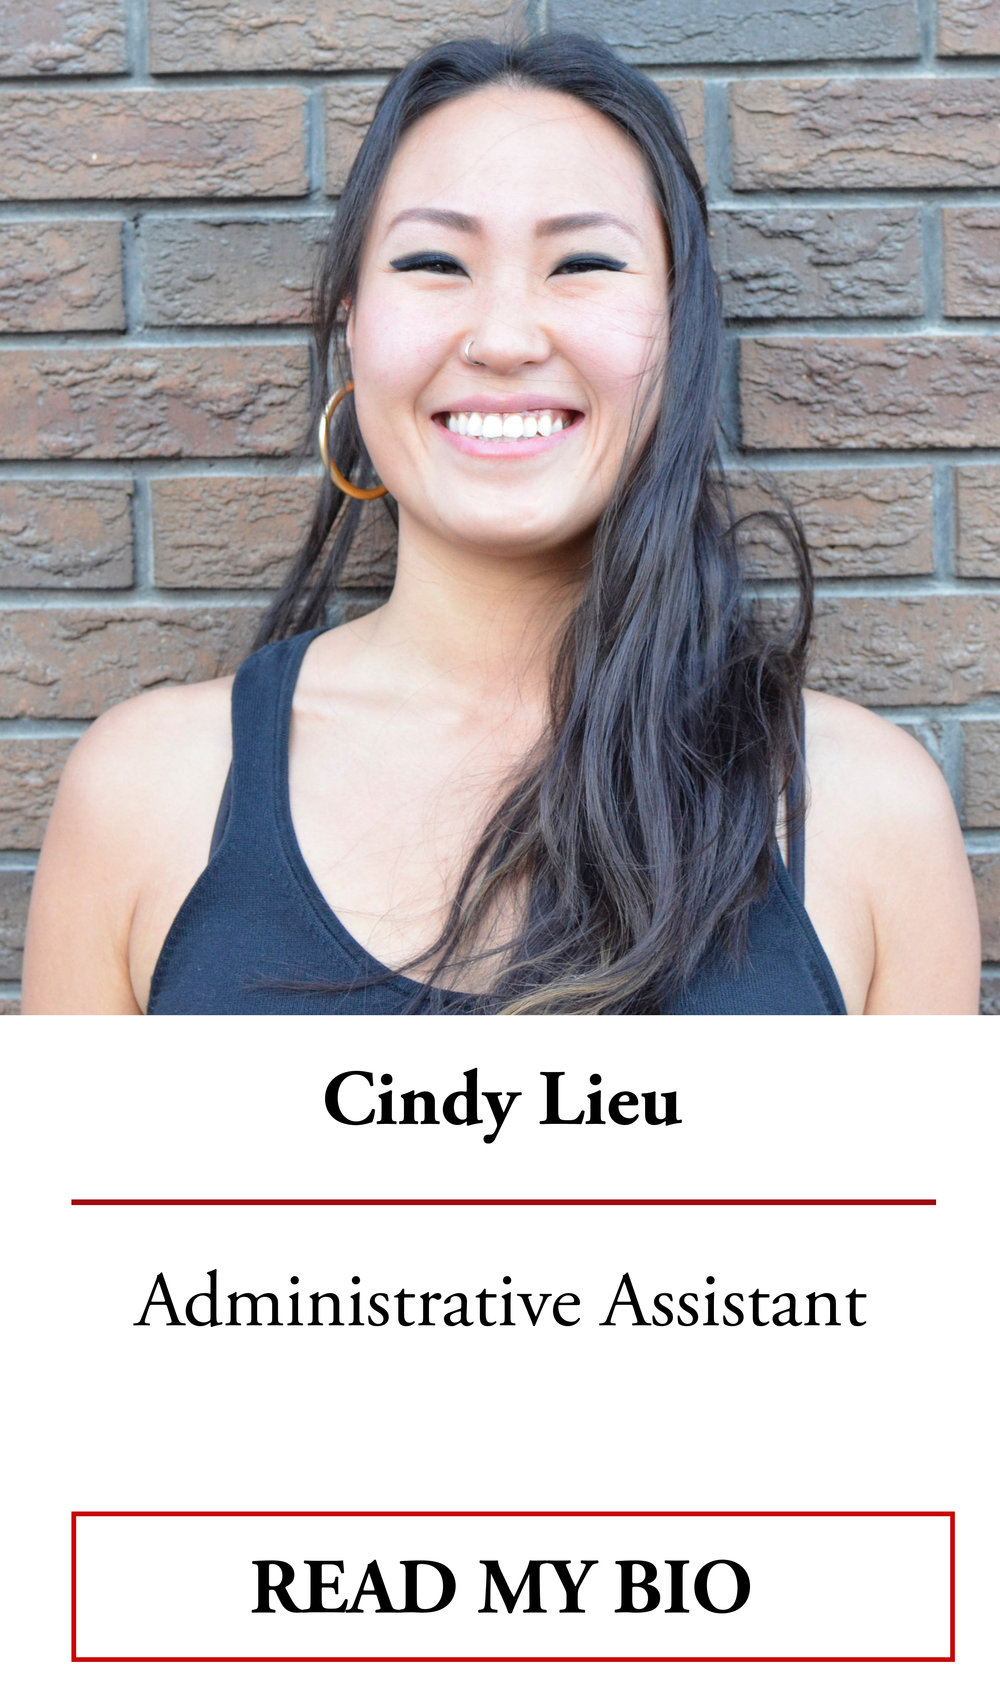 Cindy Bio.jpg